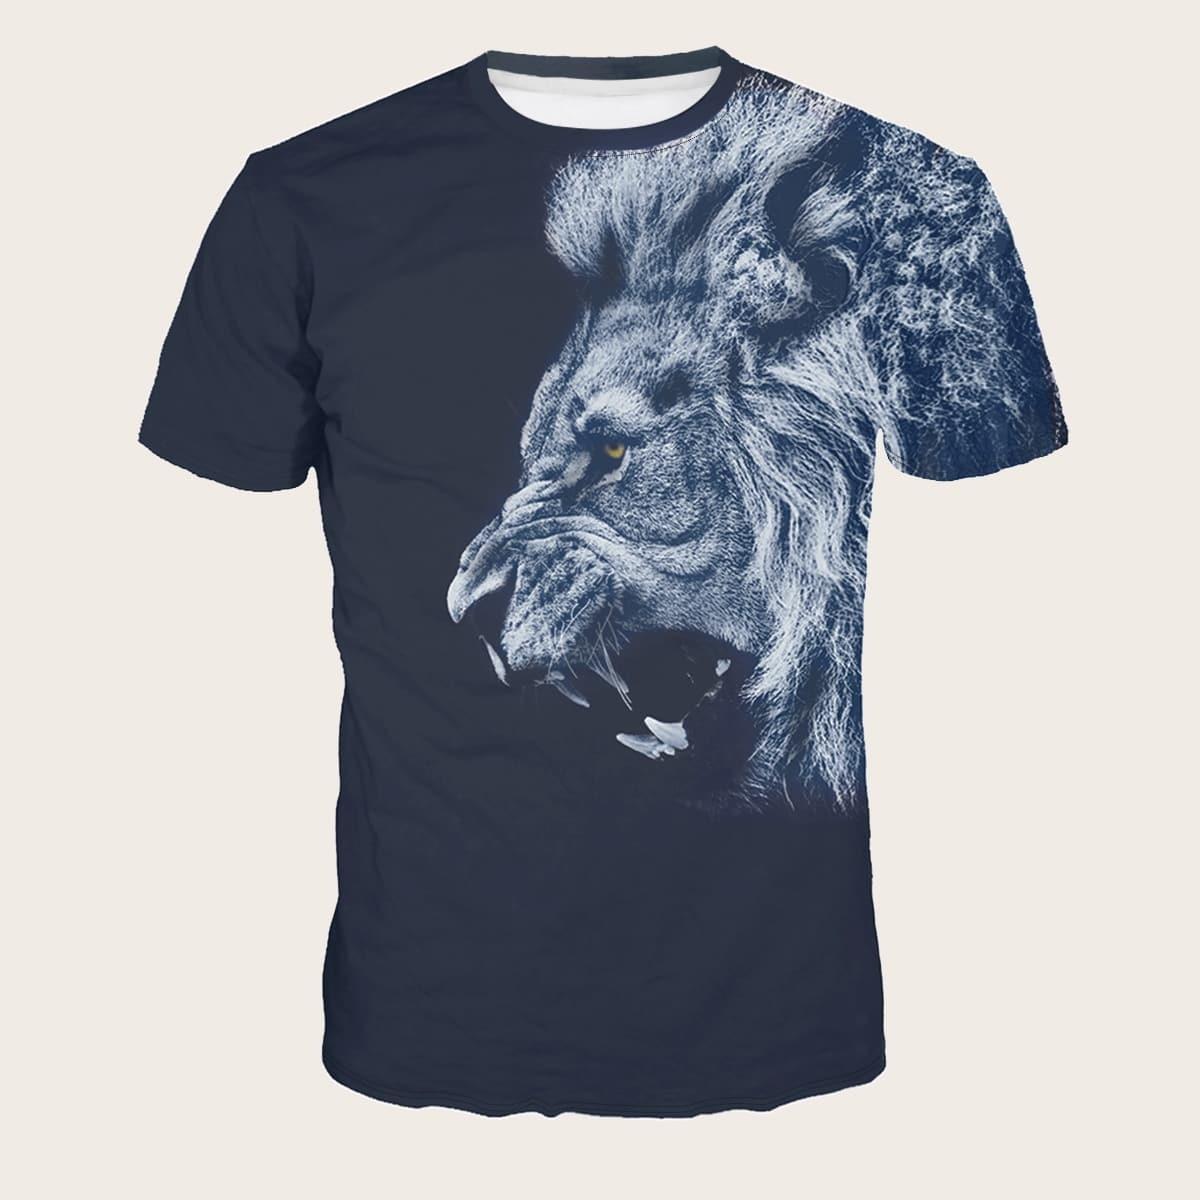 Mannen T-shirt met Leeuw Opdruk